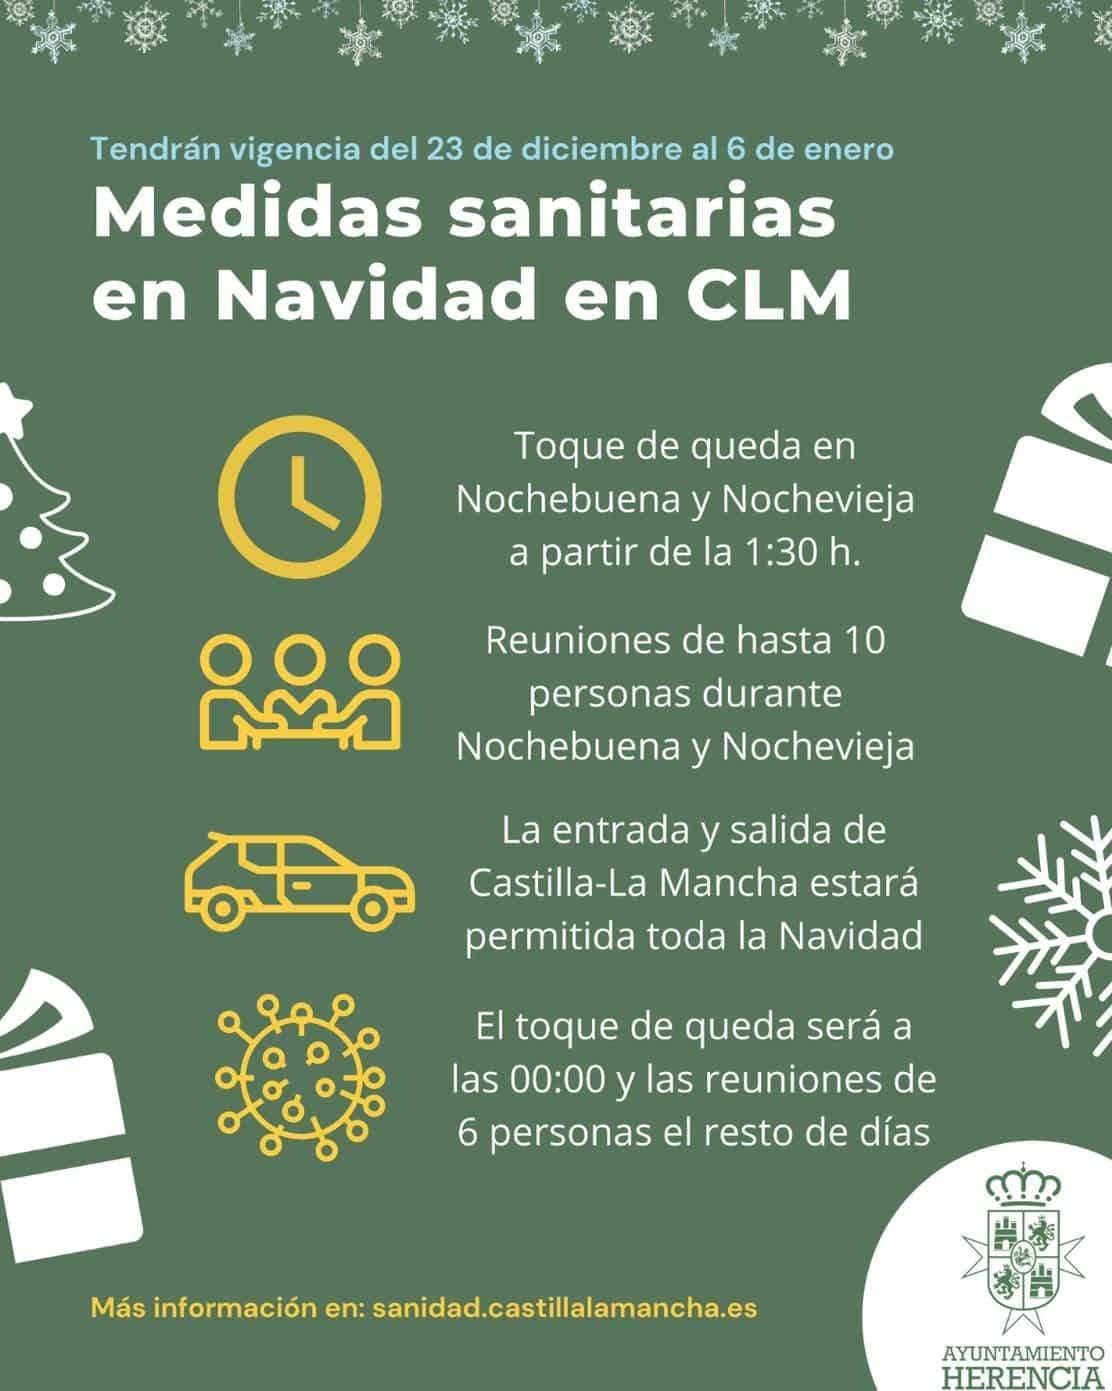 Estas son las medidas que regularán la Navidad en Castilla-La Mancha 3